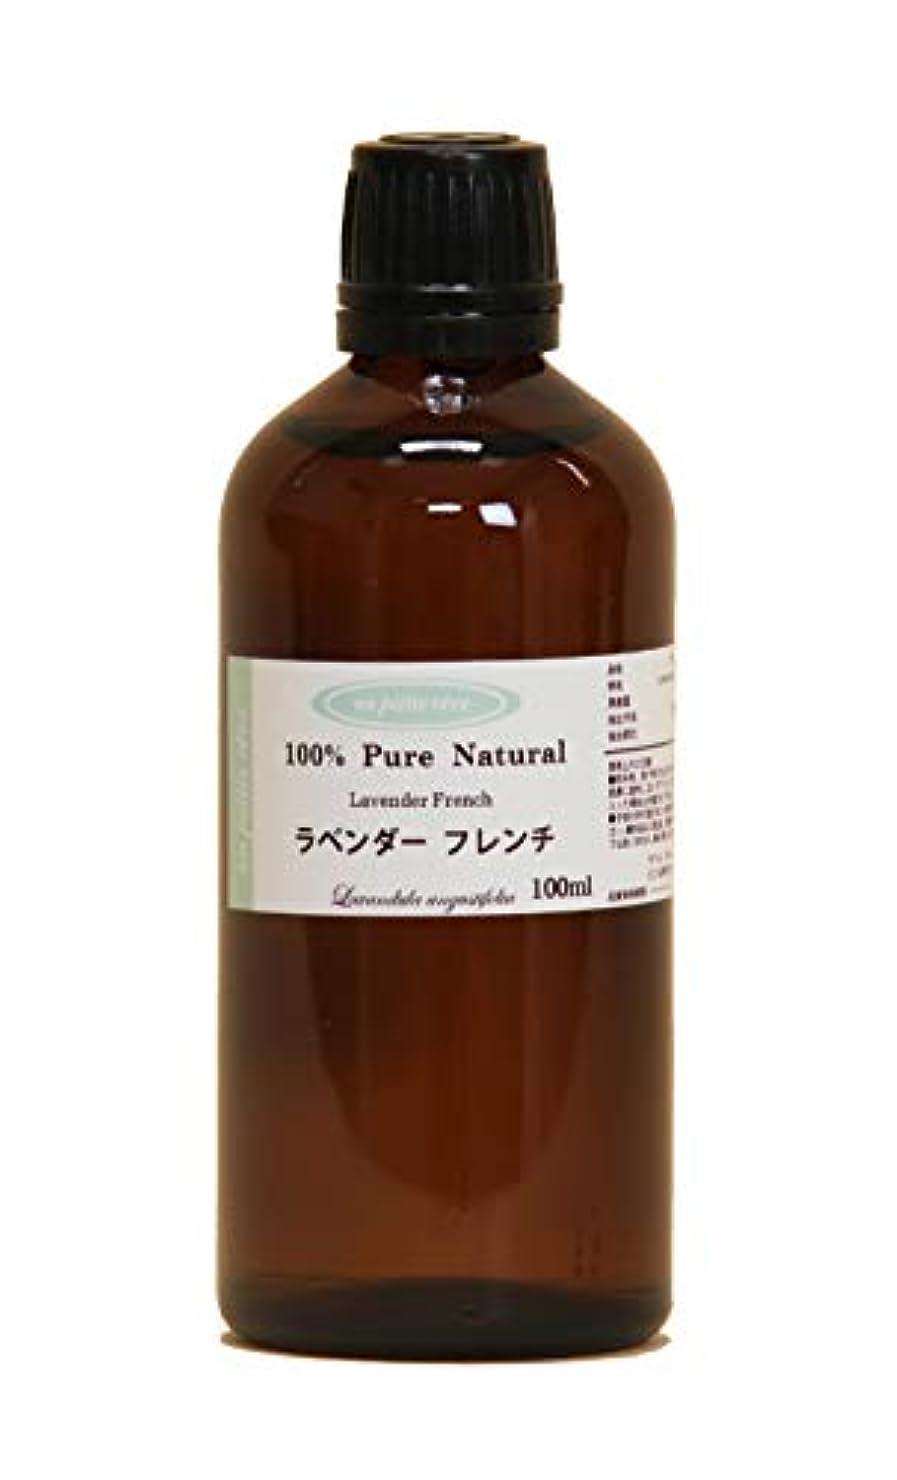 人類タイピストひもラベンダーフレンチ 100ml 100%天然アロマエッセンシャルオイル(精油)